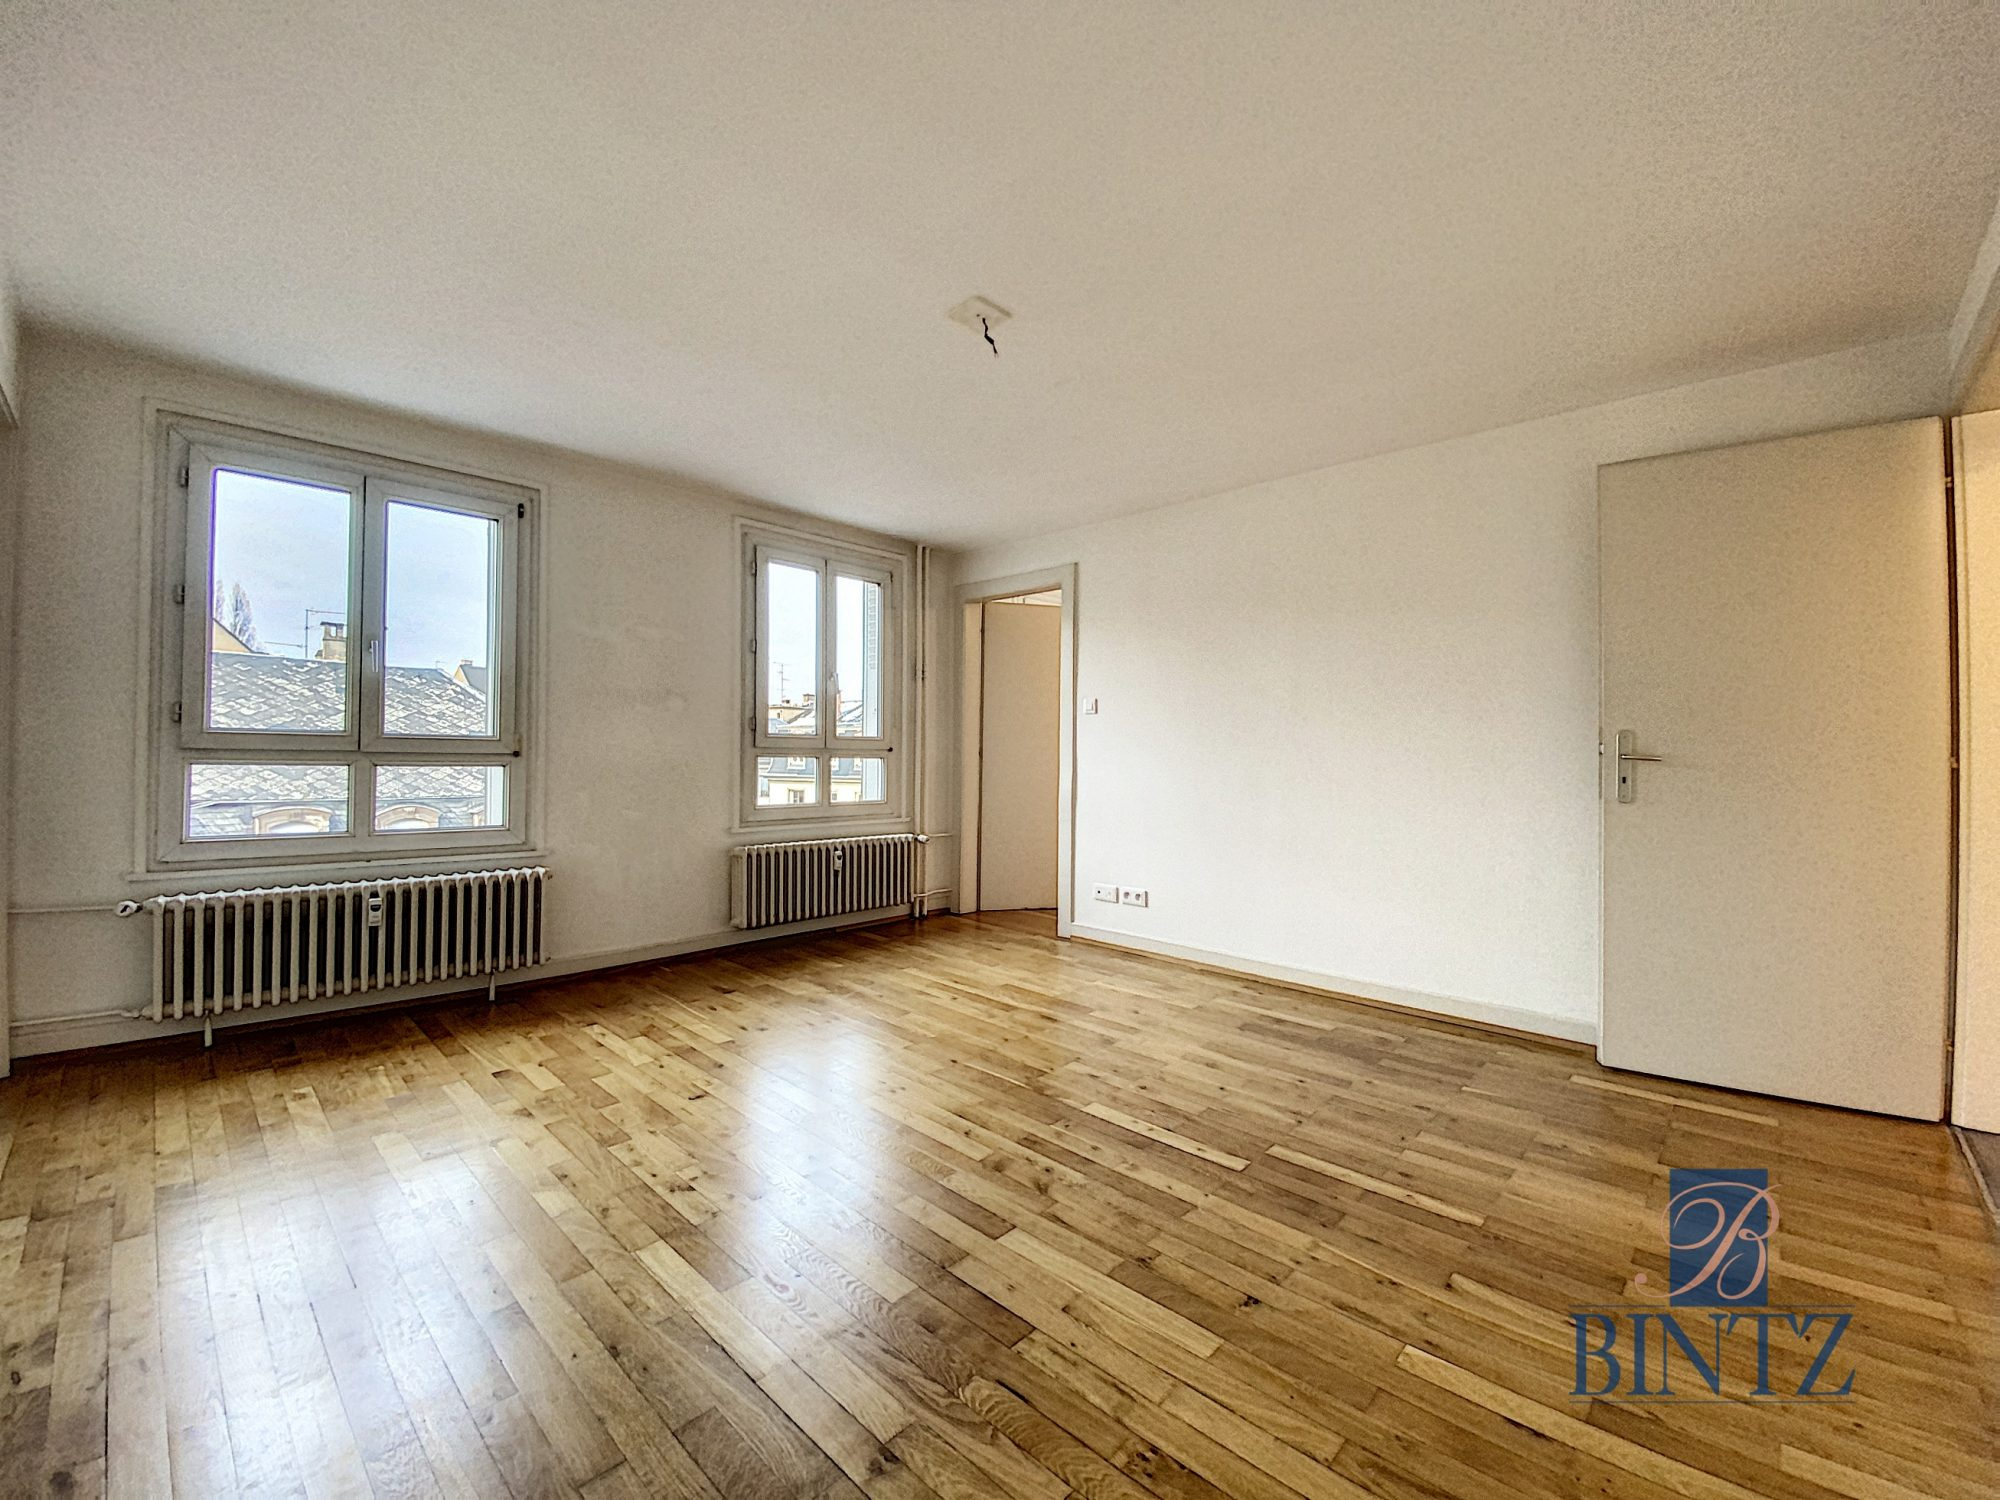 3 PIÈCES HYPERCENTRE - Devenez locataire en toute sérénité - Bintz Immobilier - 10